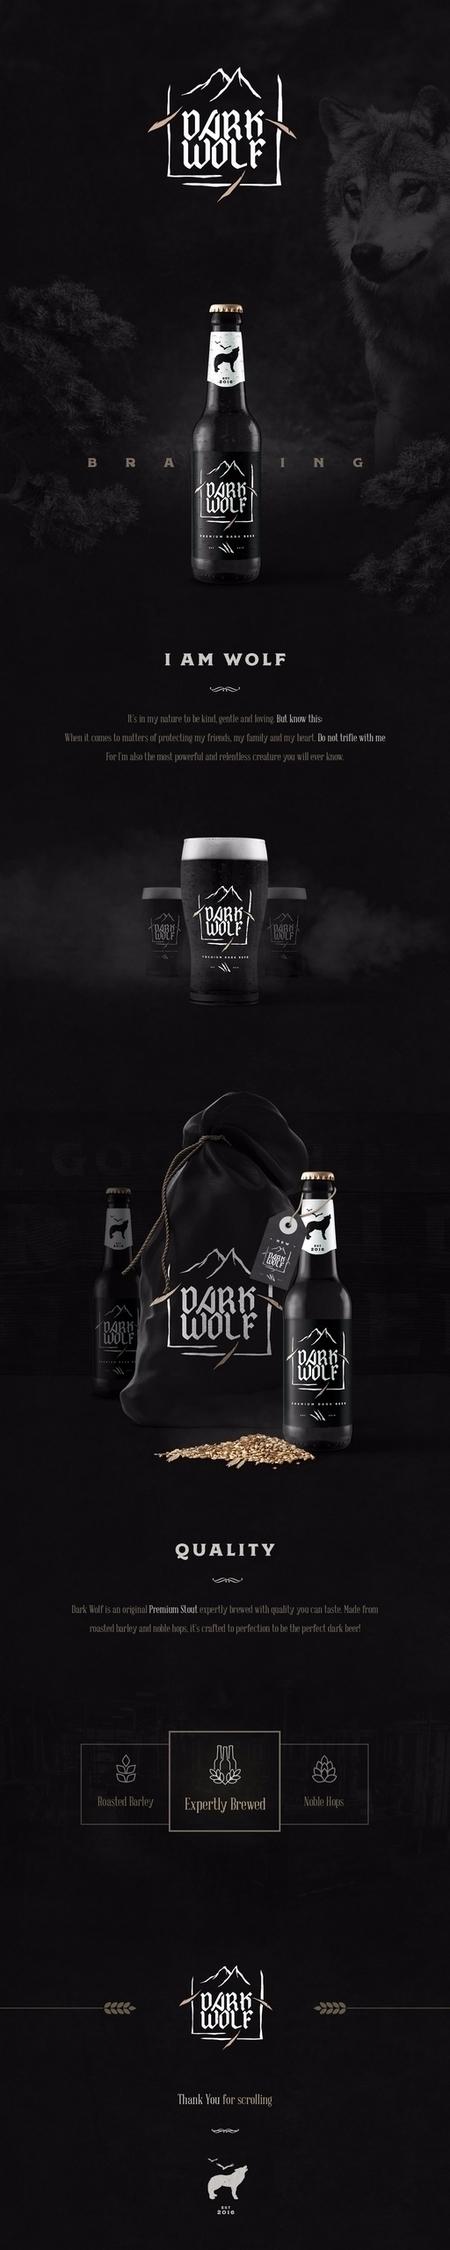 beer, darkwolf, brewery, branding - kristaps-design | ello